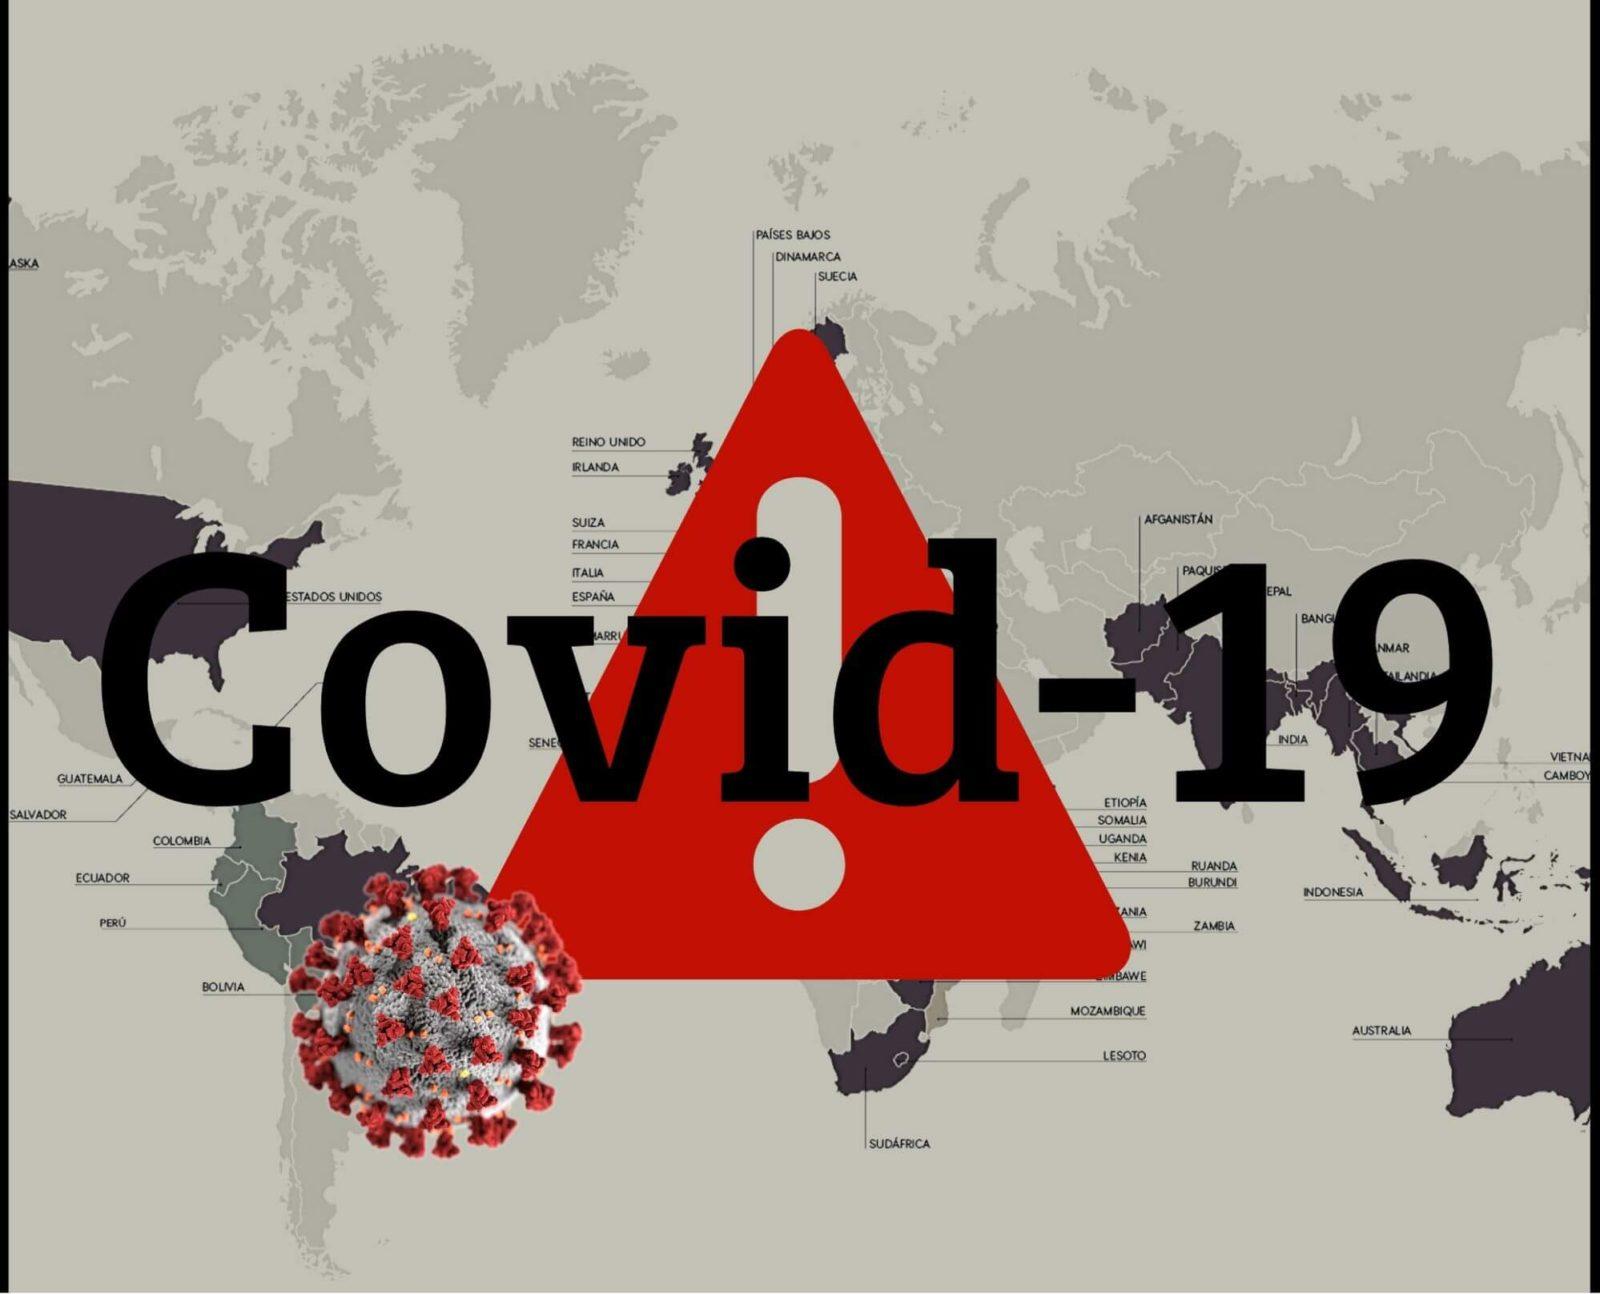 Este mapa te muestra la situación del coronavirus en el mundo en tiempo real